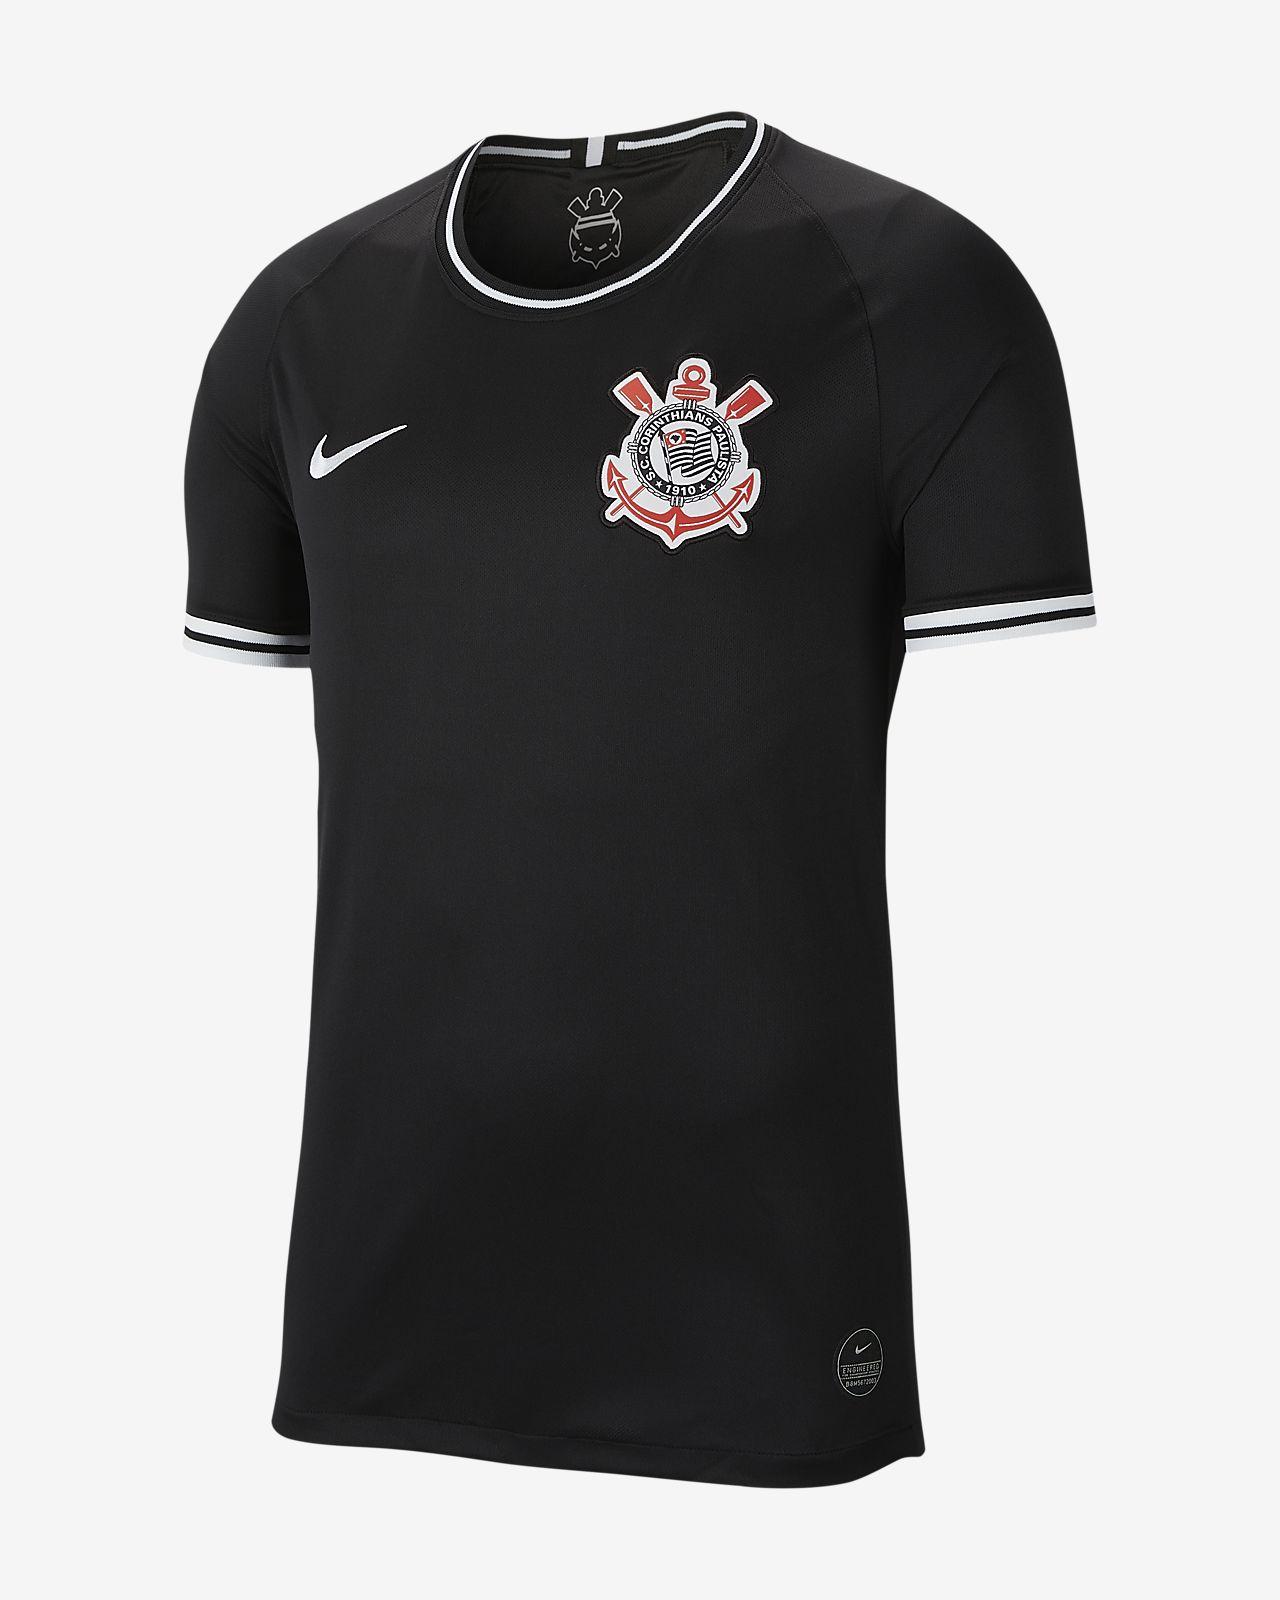 S.C. Corinthians 2019/20 Stadium Away-fodboldtrøje til mænd